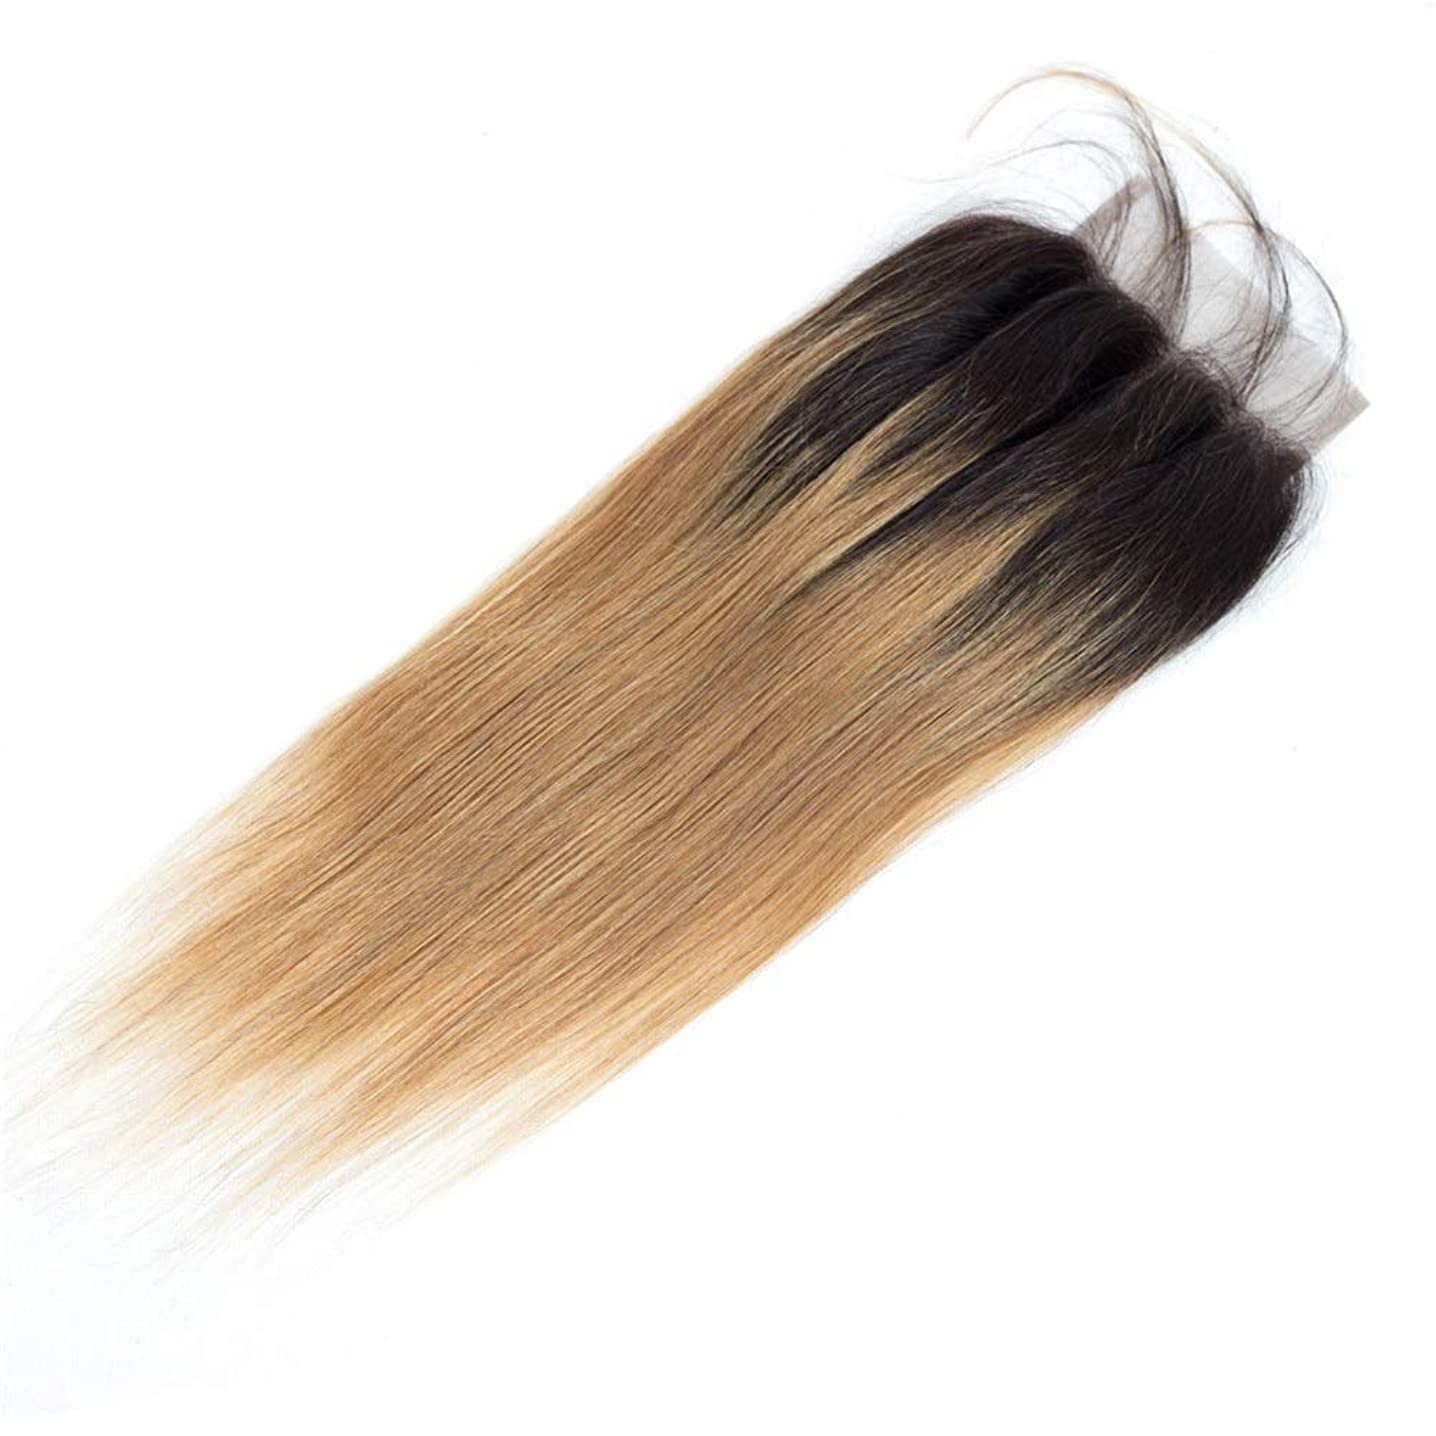 死にかけている文明歯BOBIDYEE 実体波ブラジルの人間の髪の毛のレース前頭閉鎖カラー1B / 27黒から耳に茶色の耳4 x 4インチトップクロージャーロングストレートウィッグ茶色のかつら (色 : ブラウン, サイズ : 12 inch)